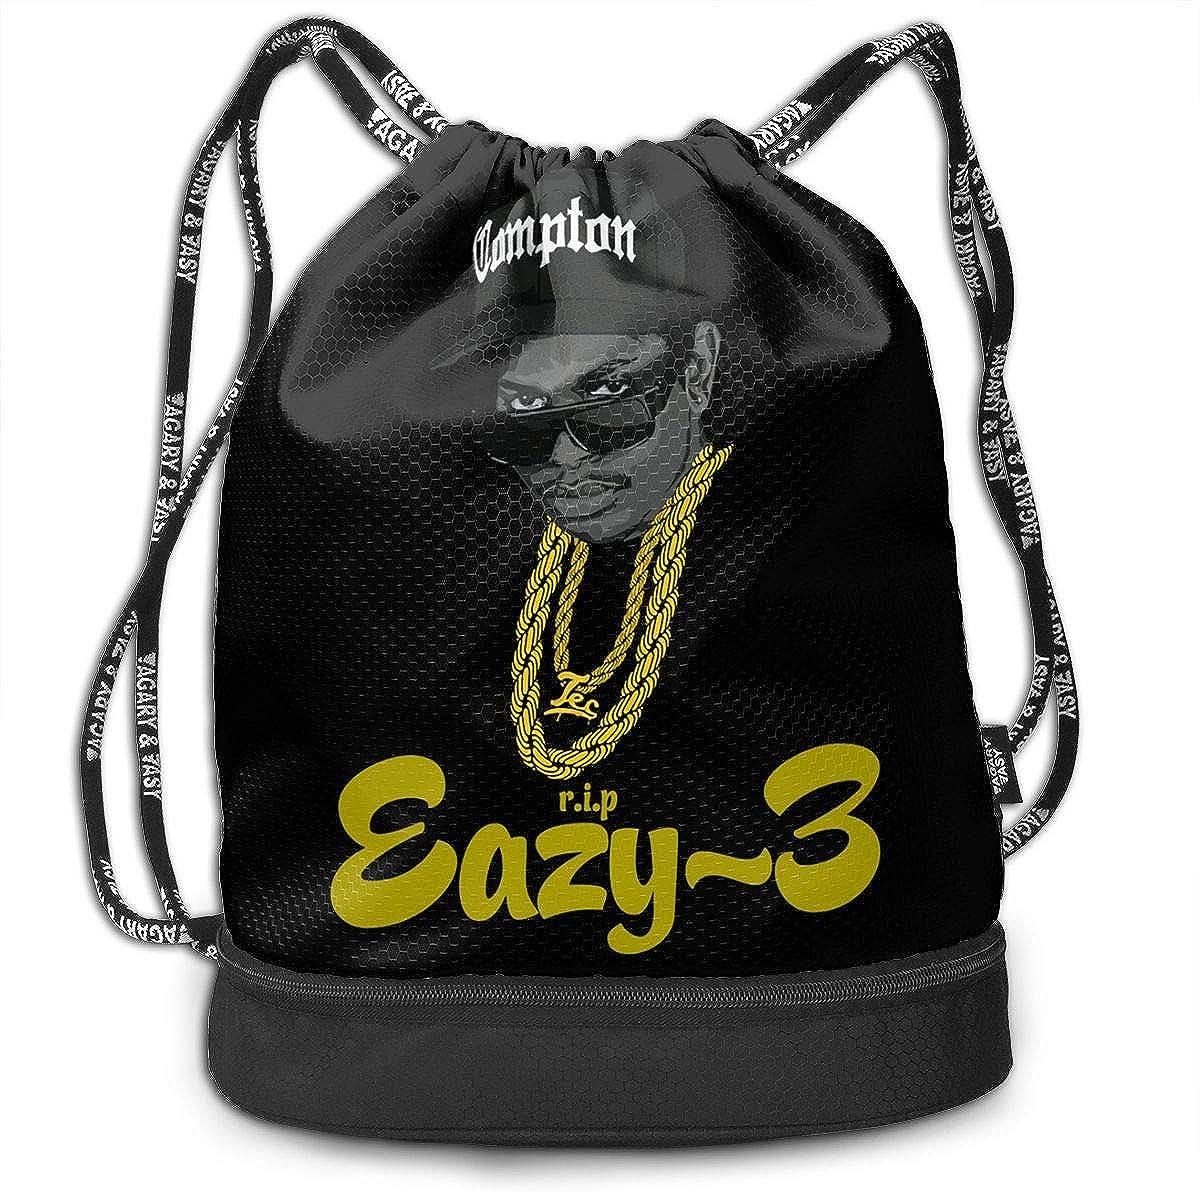 AgoodShop Eazy E-Godfather Of Gangsta Rap Drawstring Backpack Sport Gym Travel Bag